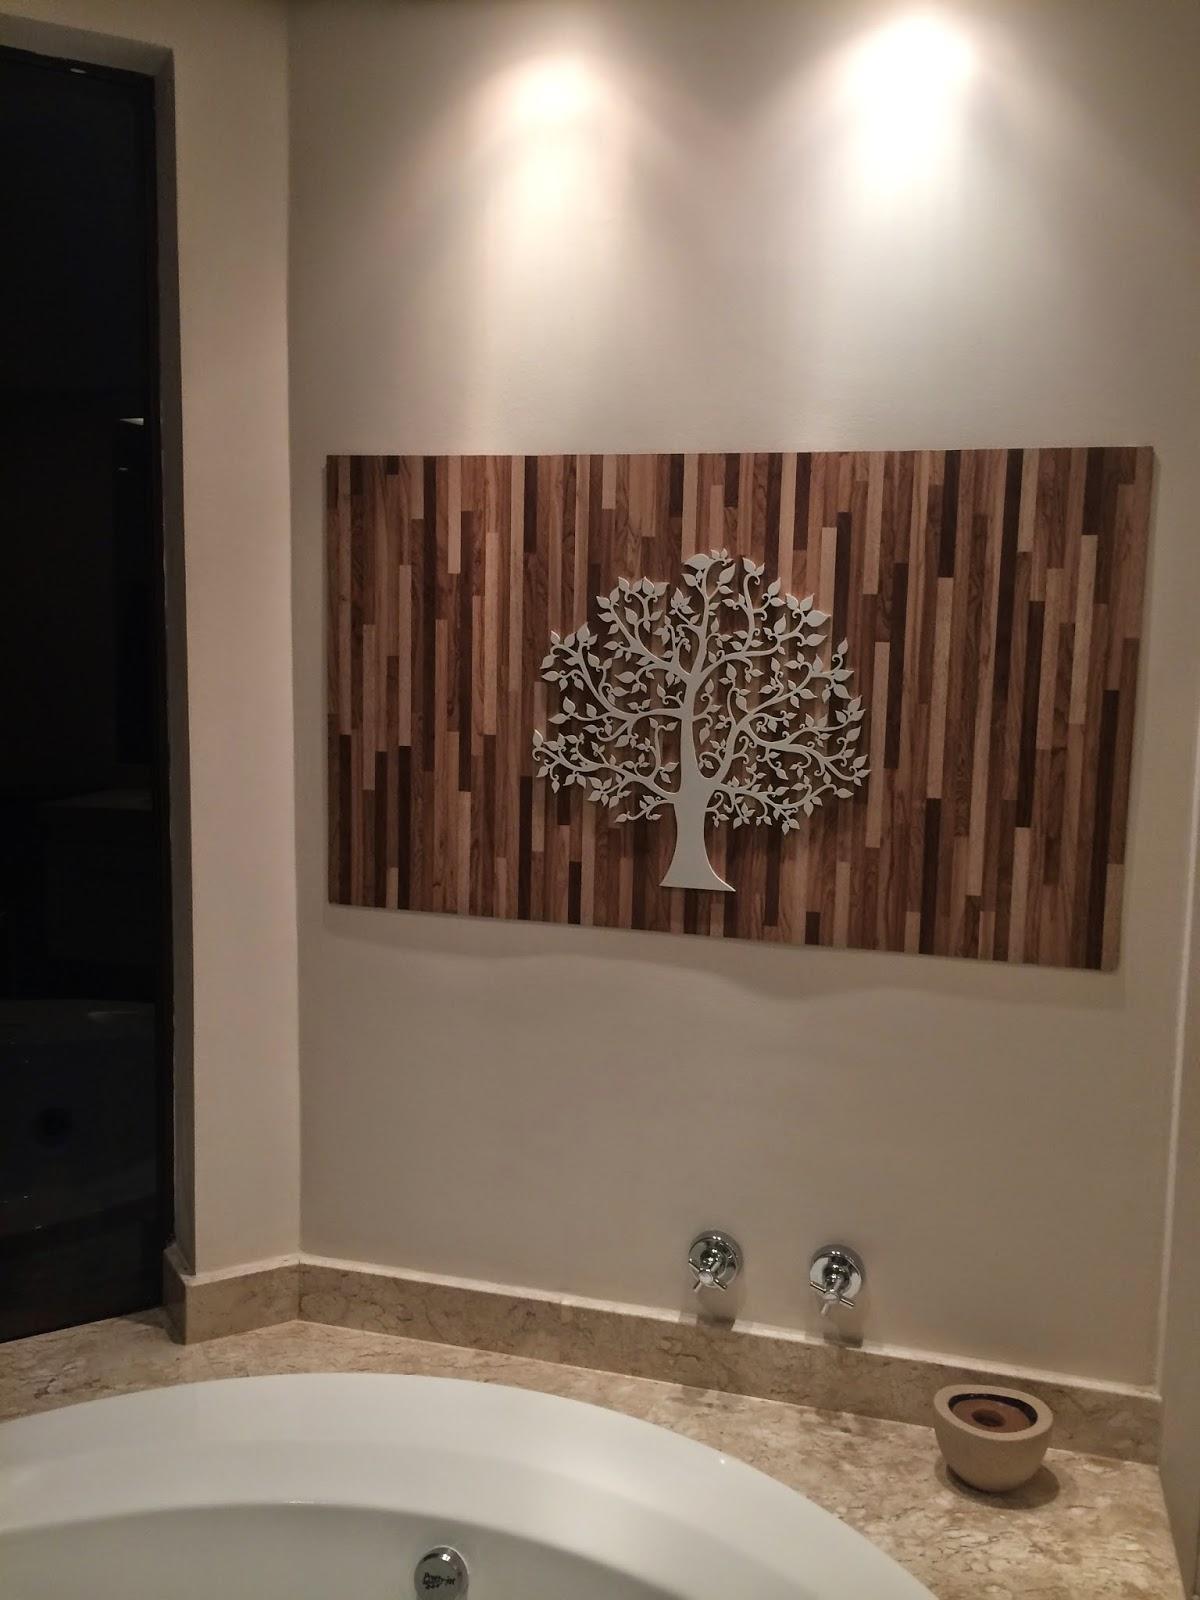 Arte no Banheiro Projeto de um quadro 3D / Esculturas de Parede  #271A14 1200x1600